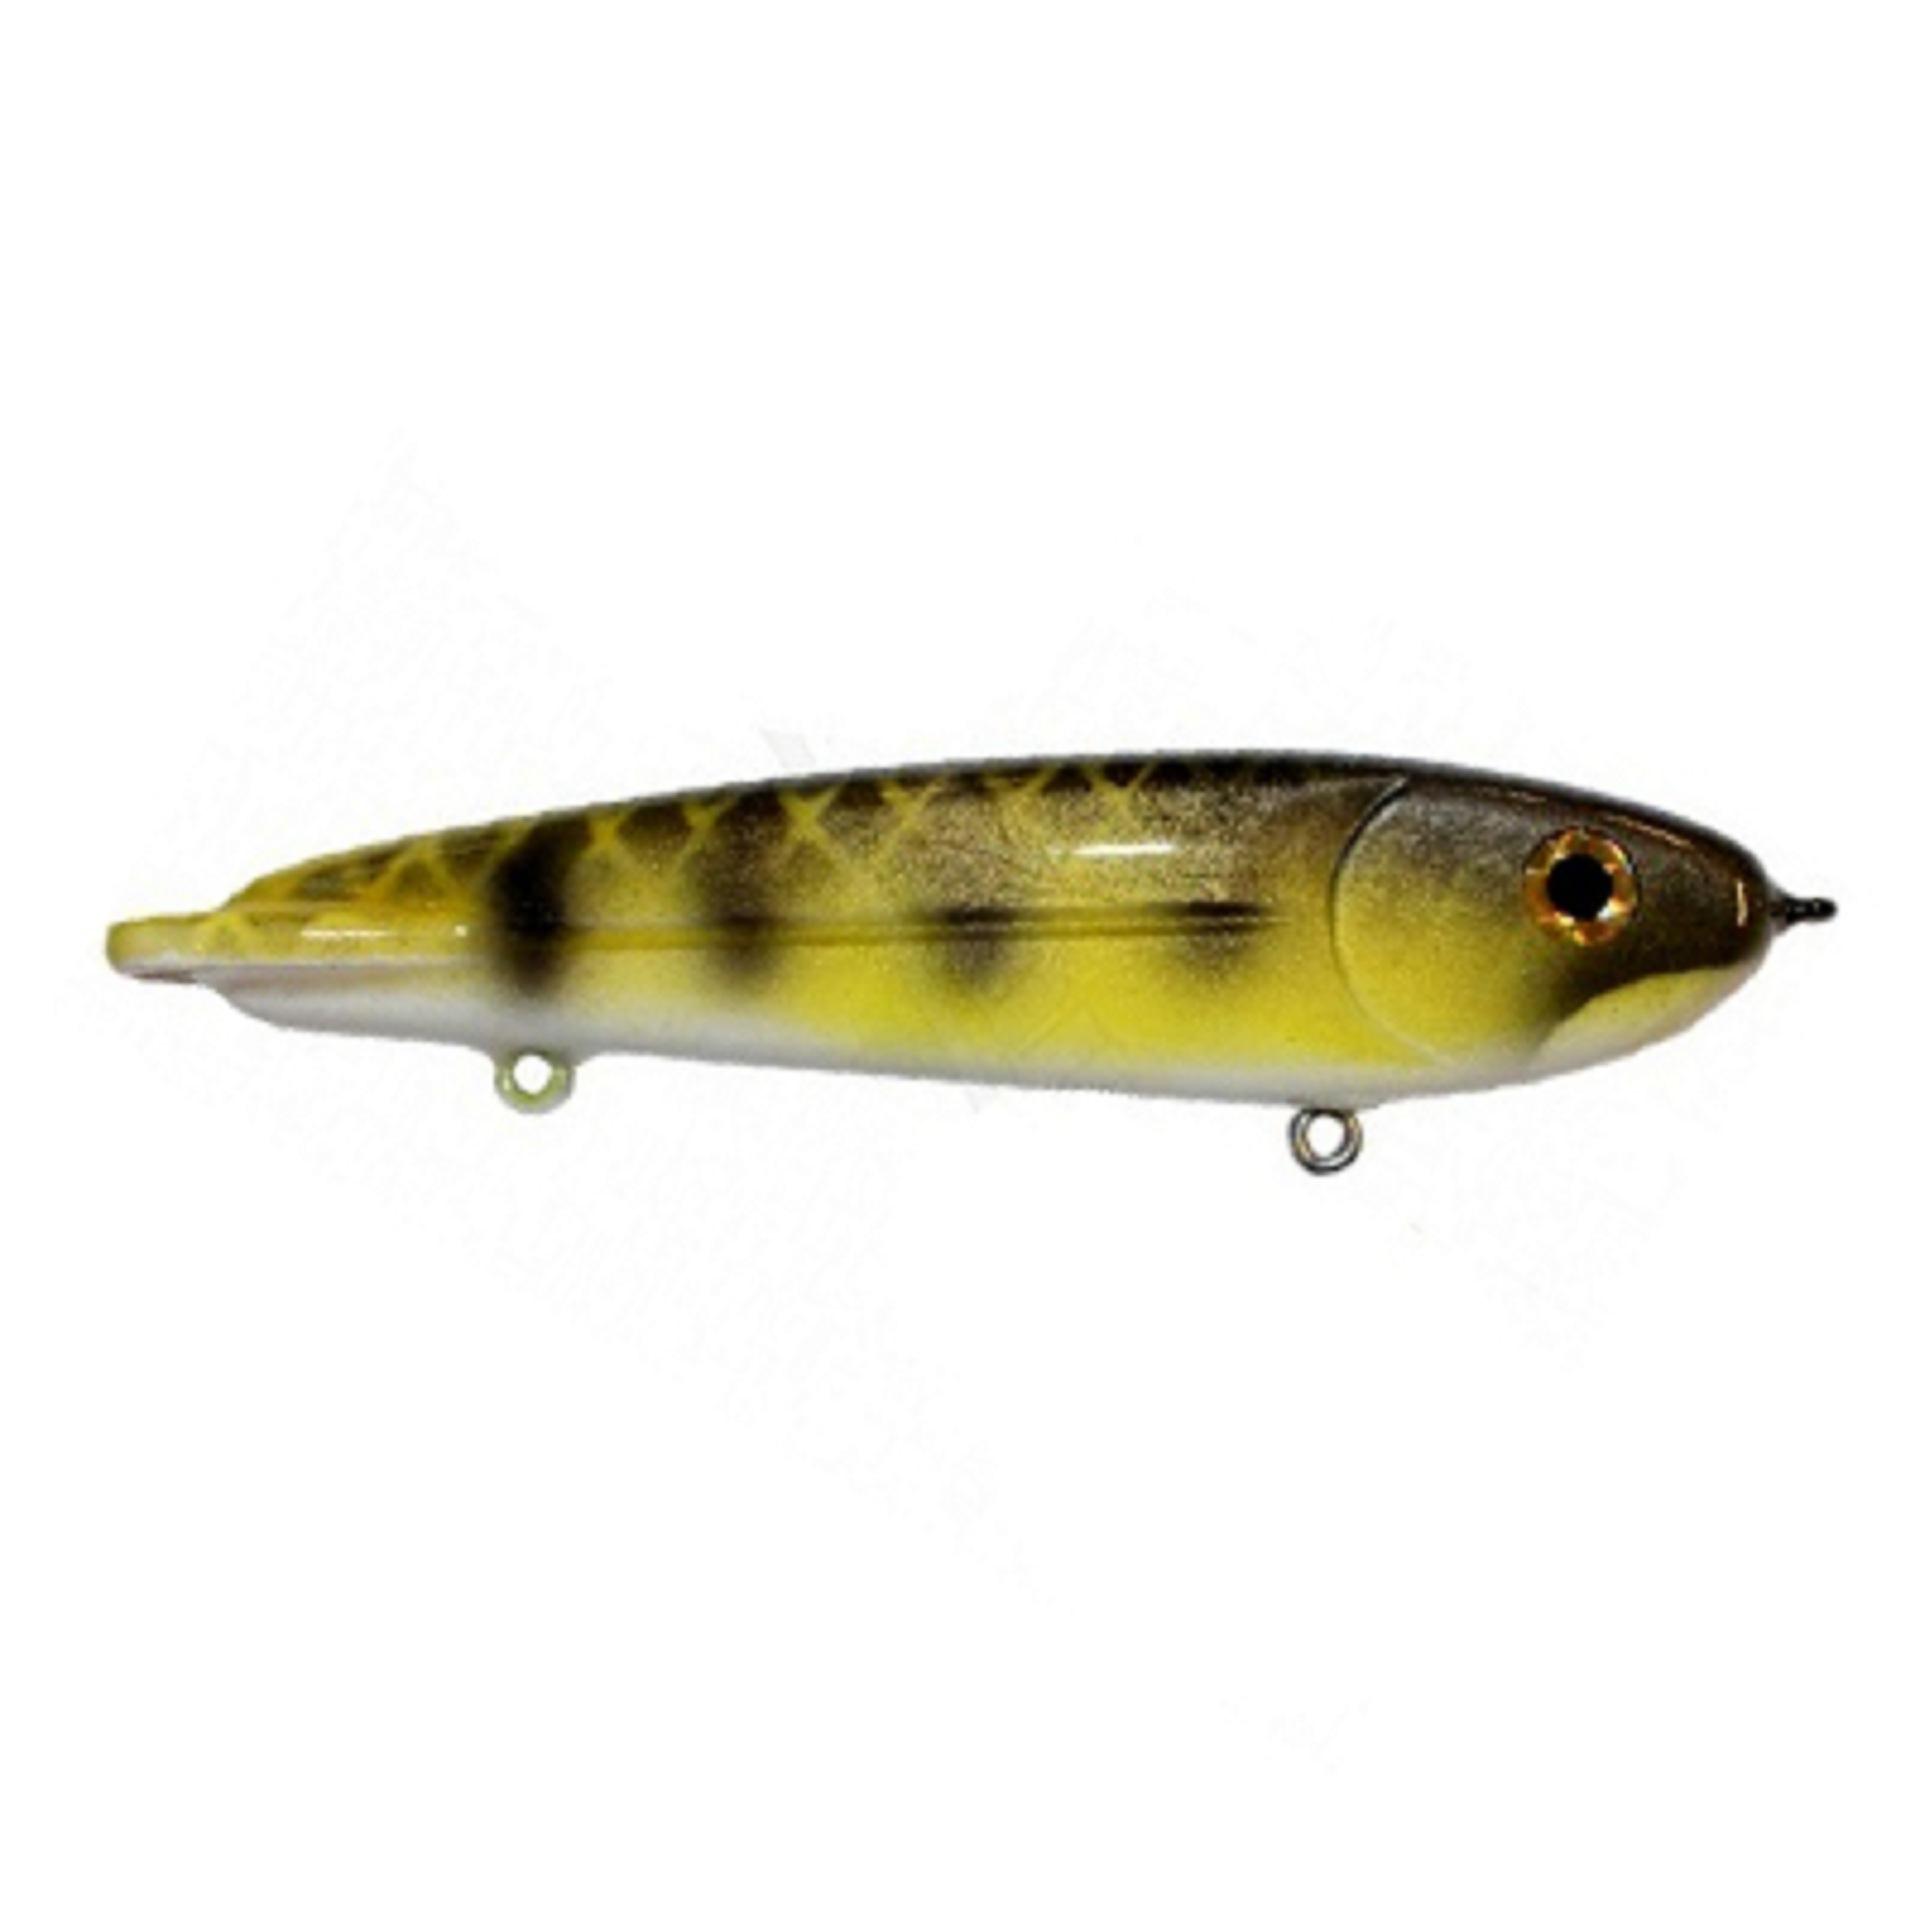 Tripwire Yellow Perch